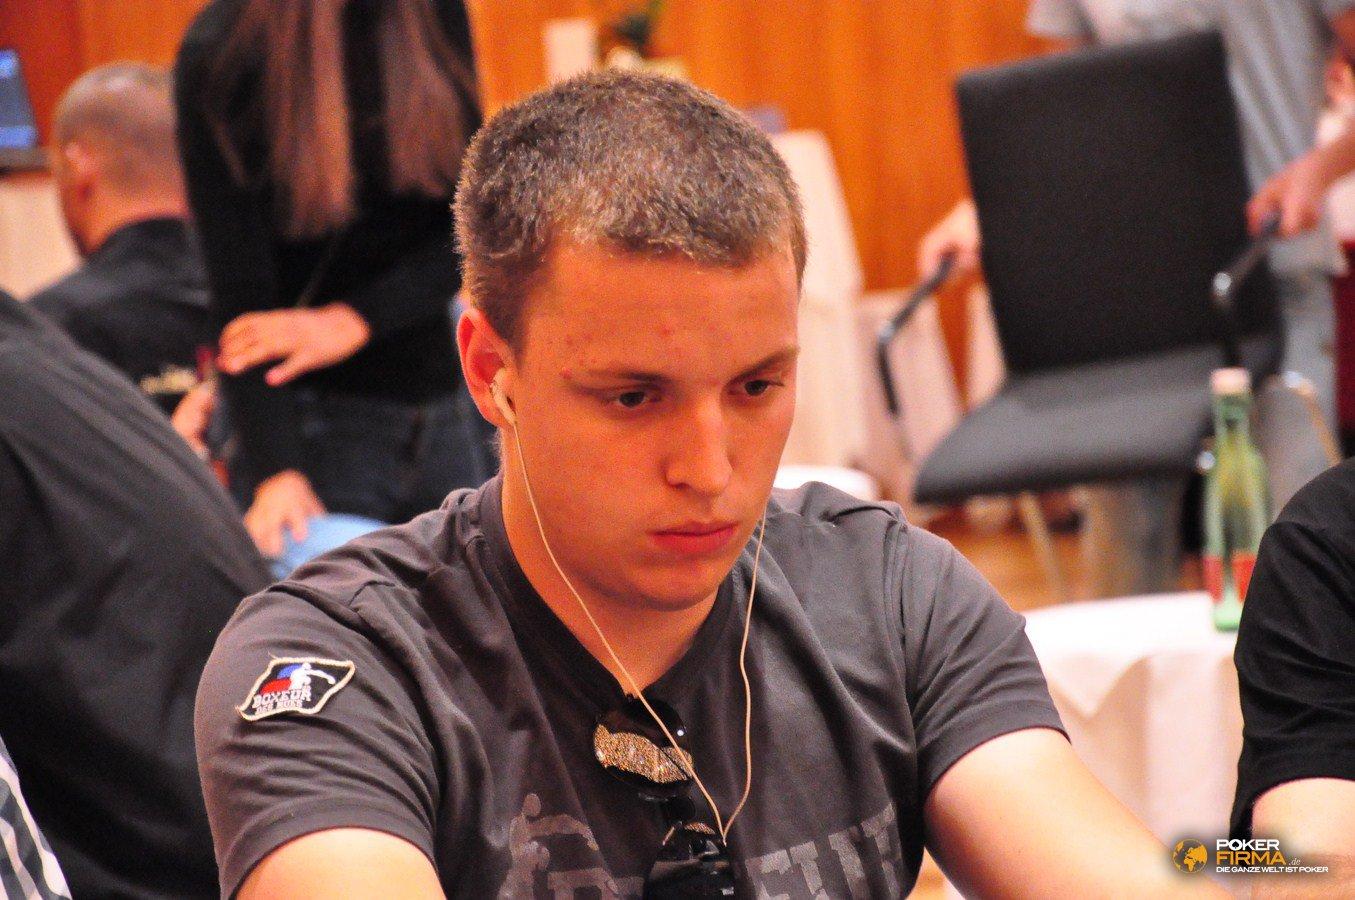 CAPT-Velden-2012-Main-Event-52.JPG